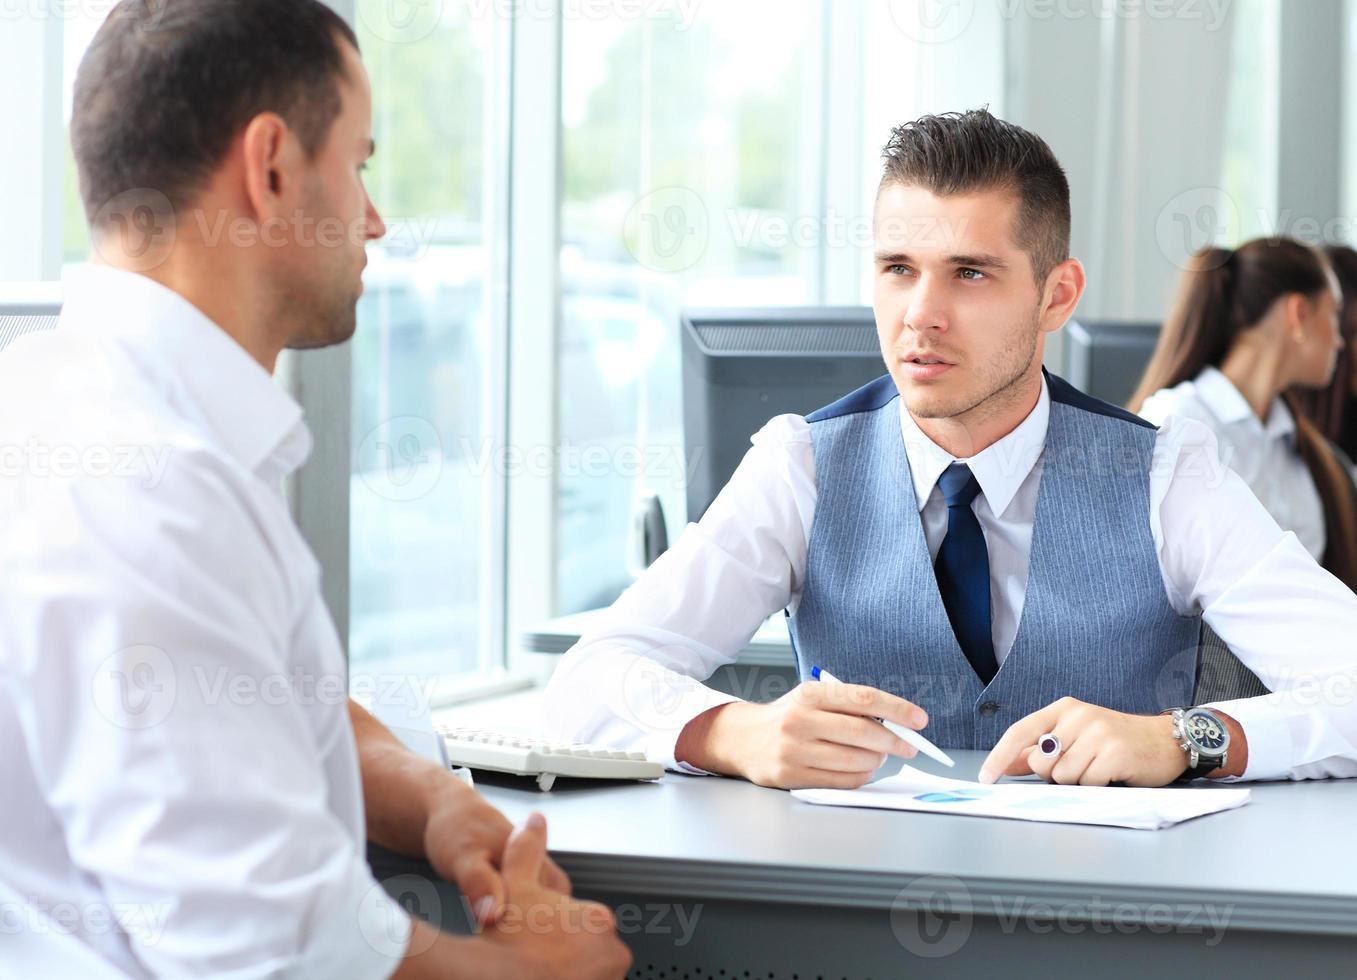 glada affärsmän som pratar på mötet på kontoret foto